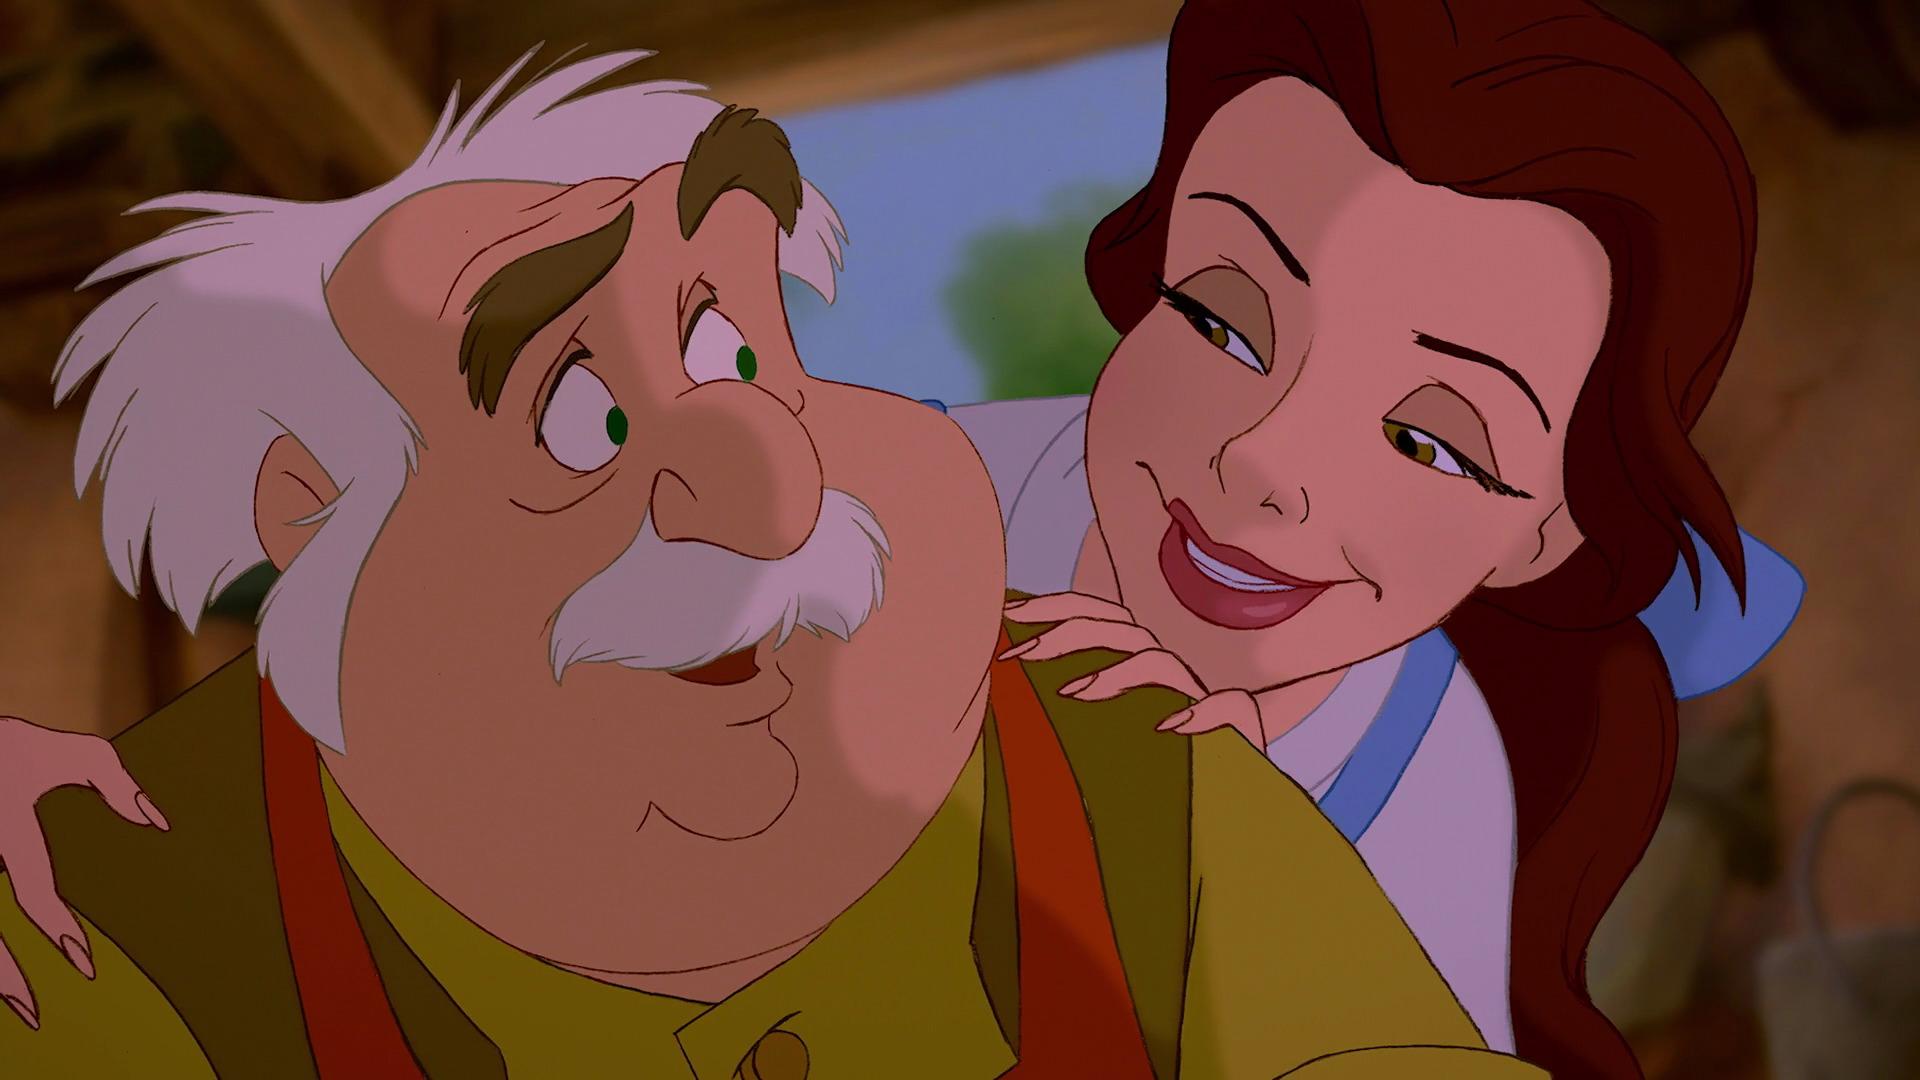 Belle/Relationships